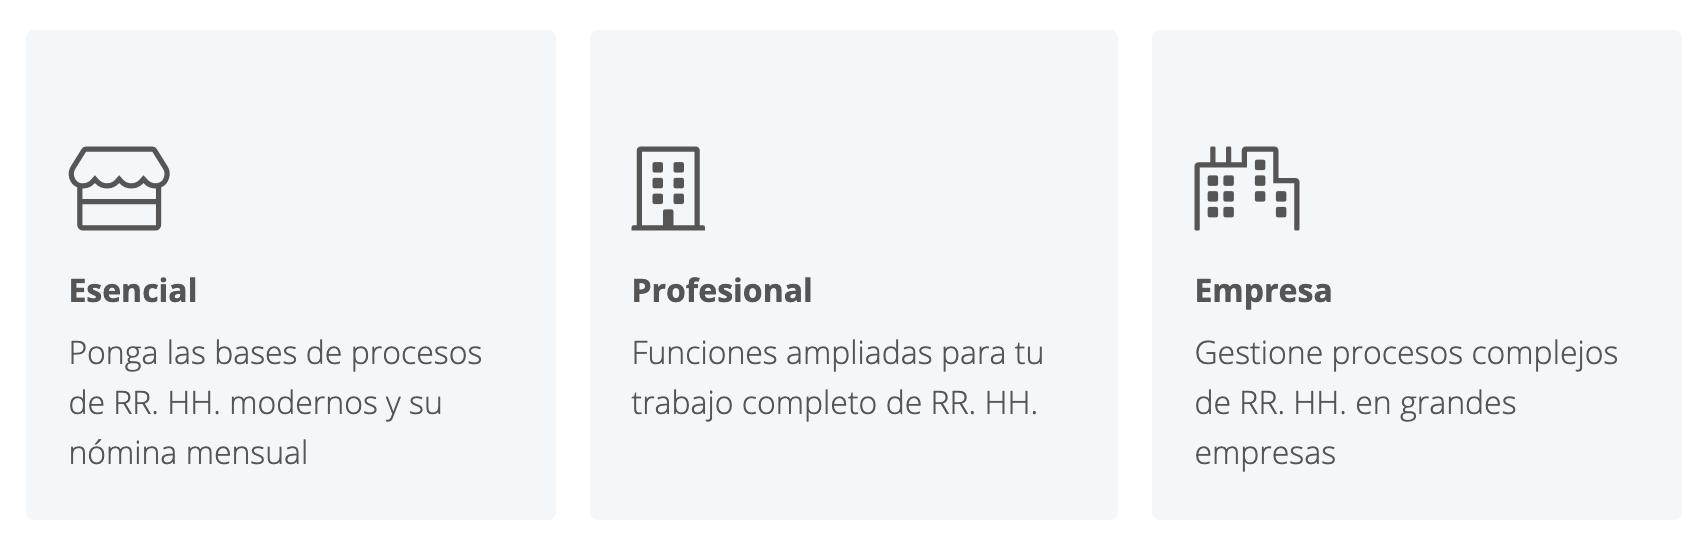 packages-hrm_es.png